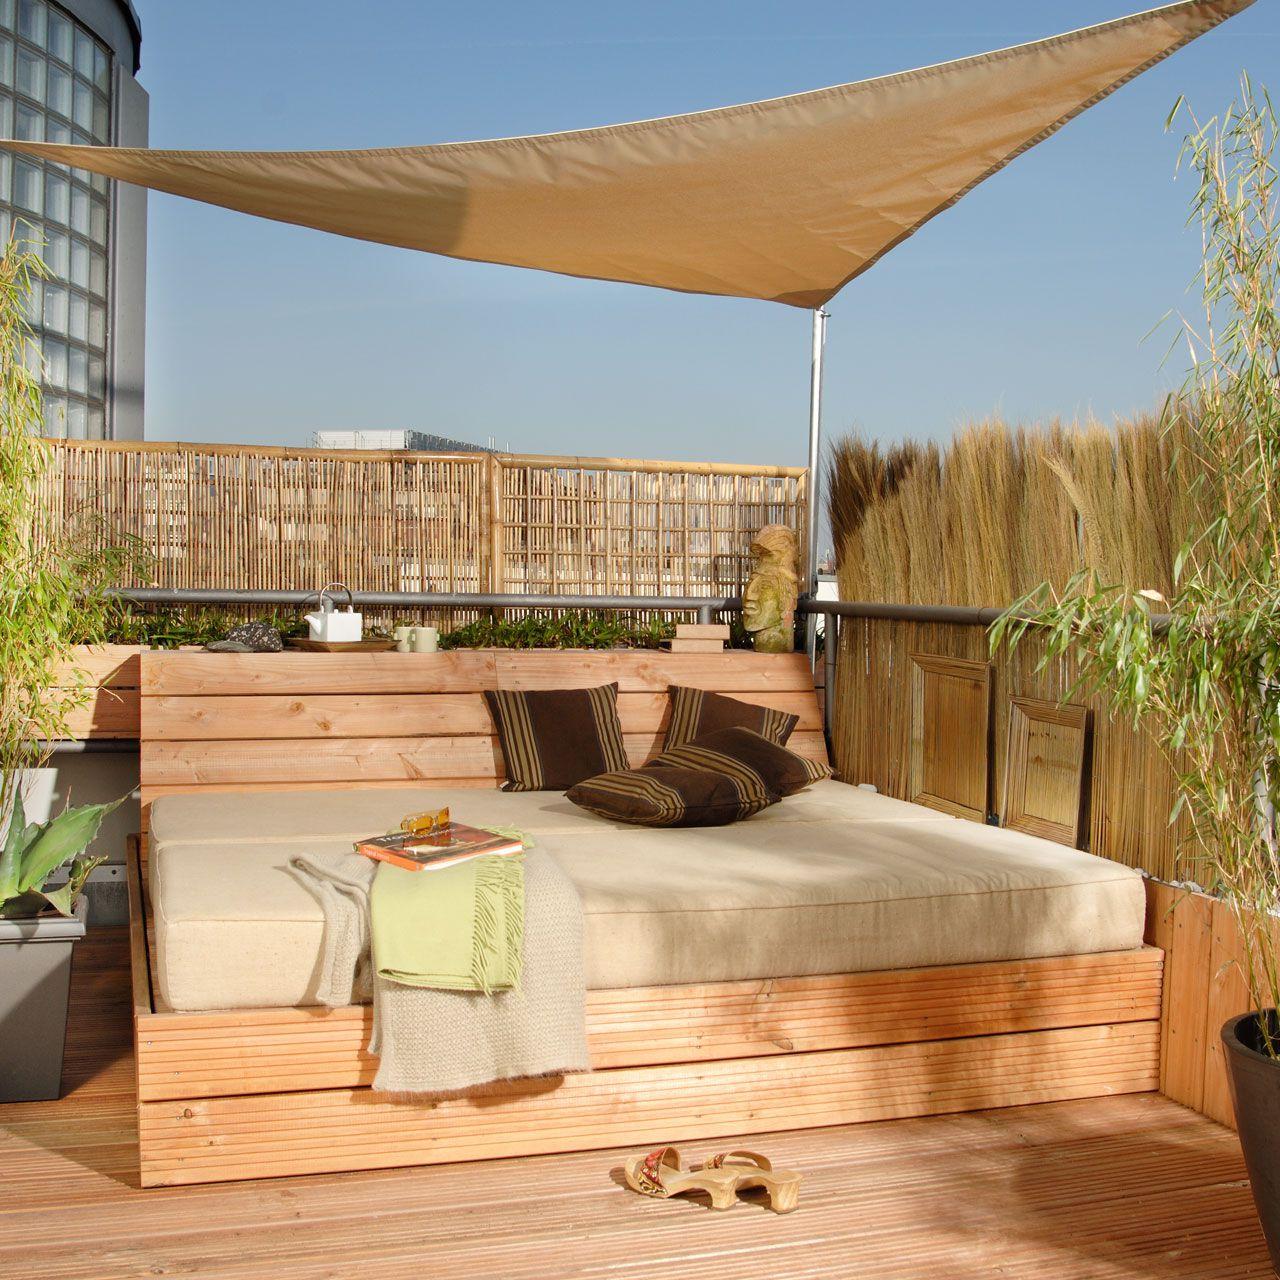 sichtschutz segeltuch free sonnensegel terrasse einfach. Black Bedroom Furniture Sets. Home Design Ideas